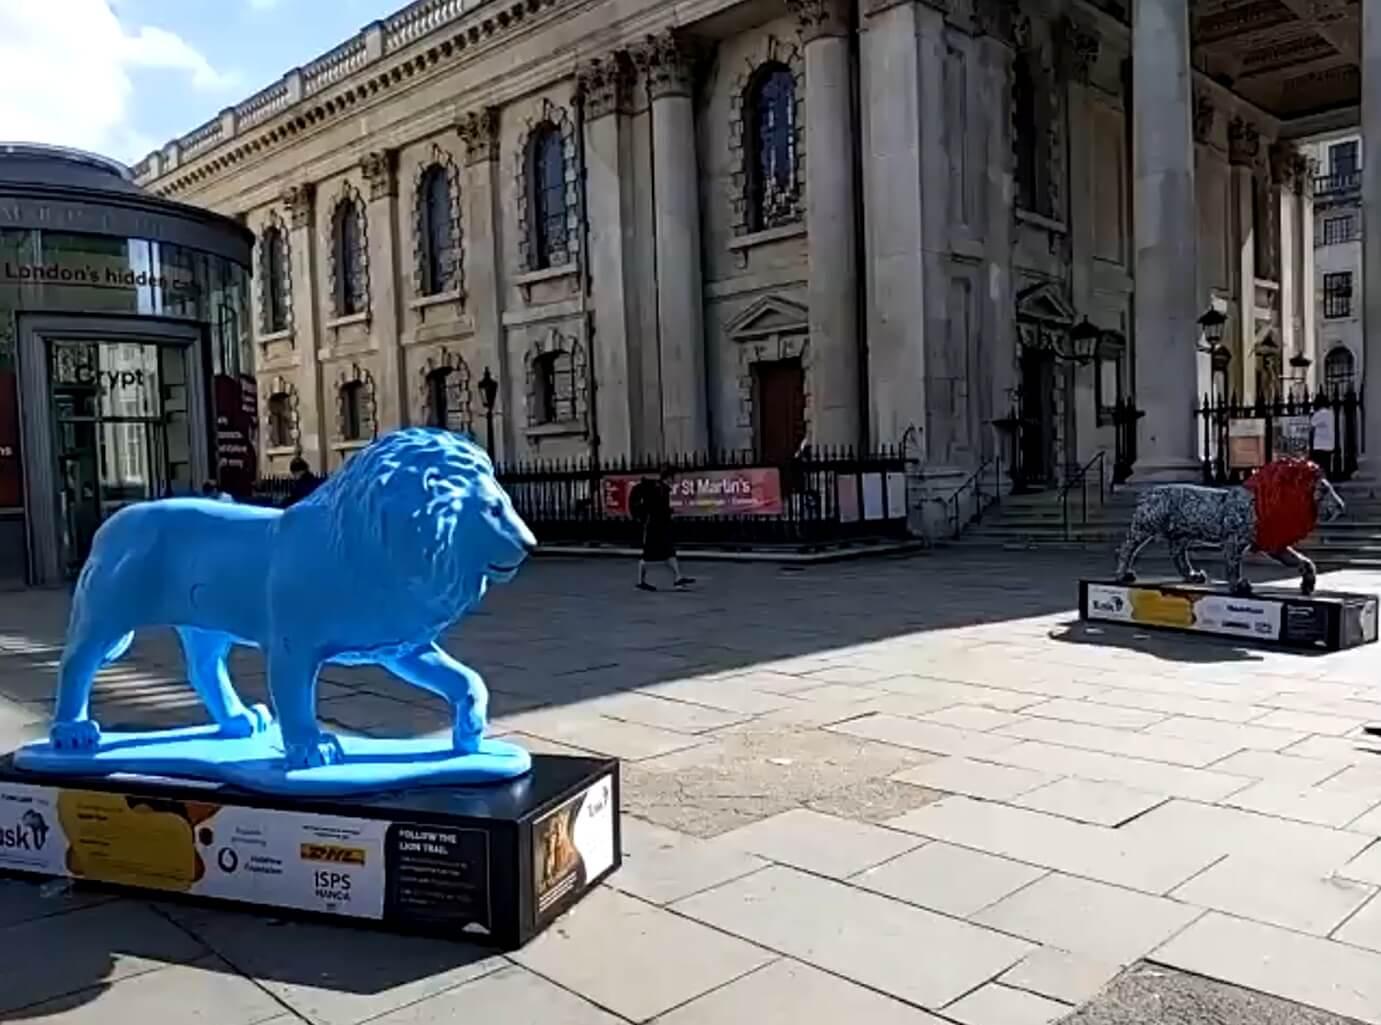 セント・マーティン・イン・ザ・フィールズ教会_チャリティーのライオン像